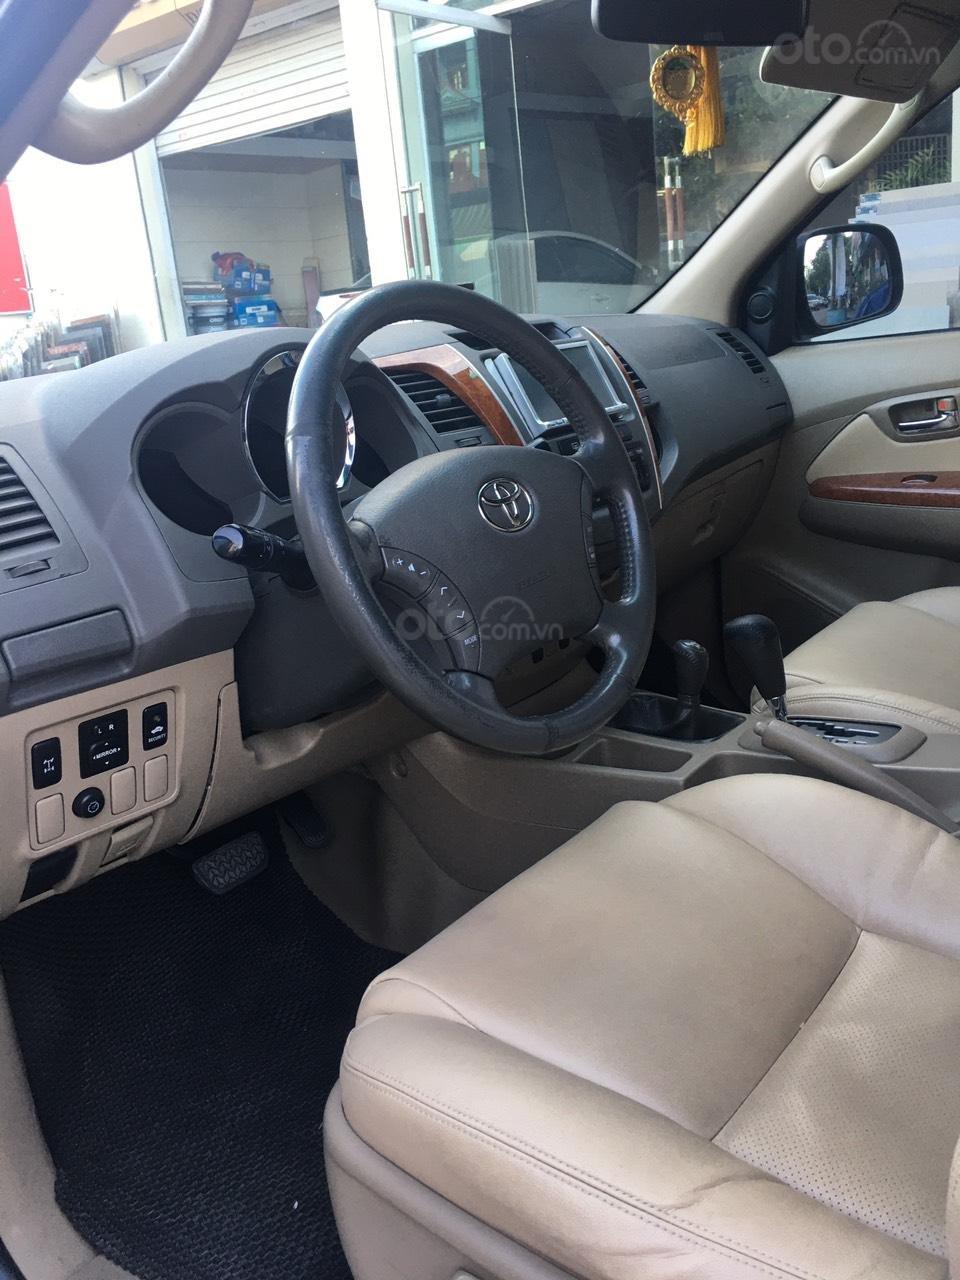 Cần bán gấp Toyota Fortuner đời 2011, xe gia đình đi giữ gìn, mới và đẹp (2)